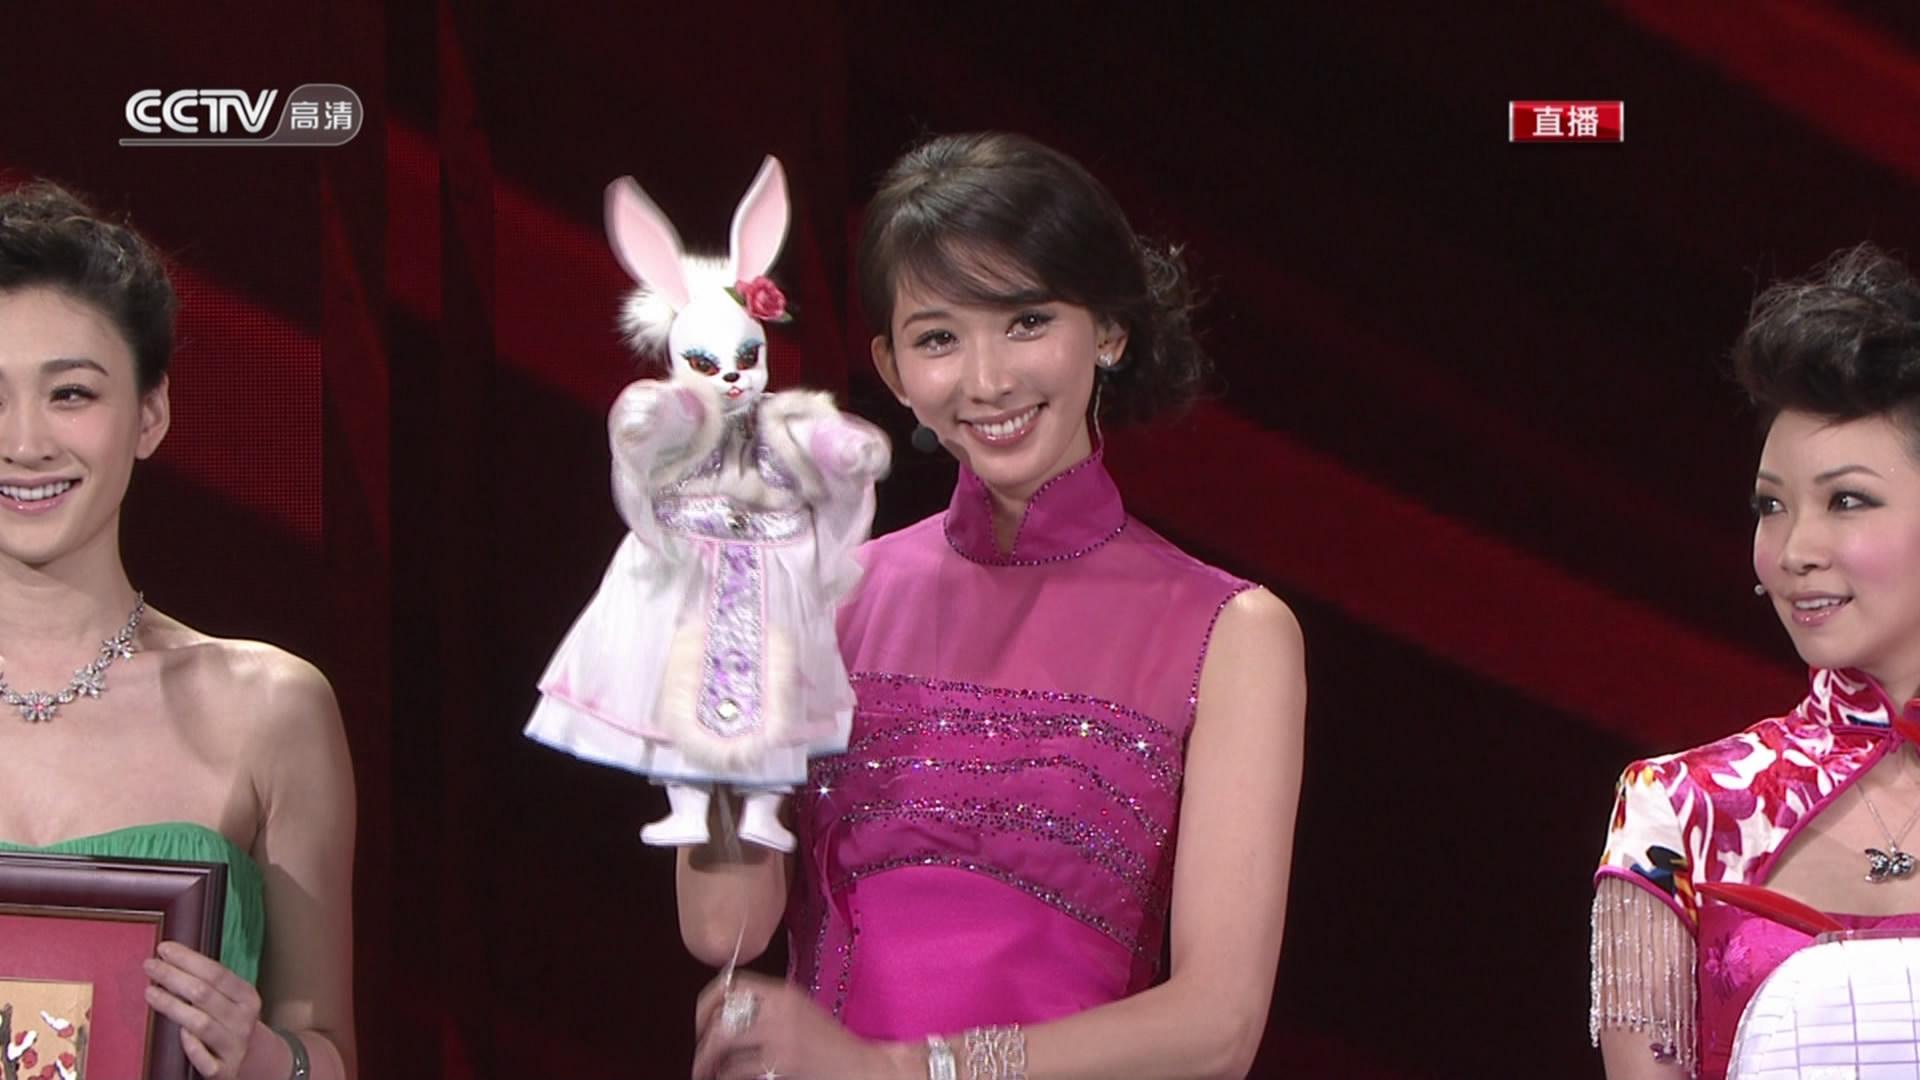 【视频0714】2011年春晚林志玲部分1080p高清下图片图片